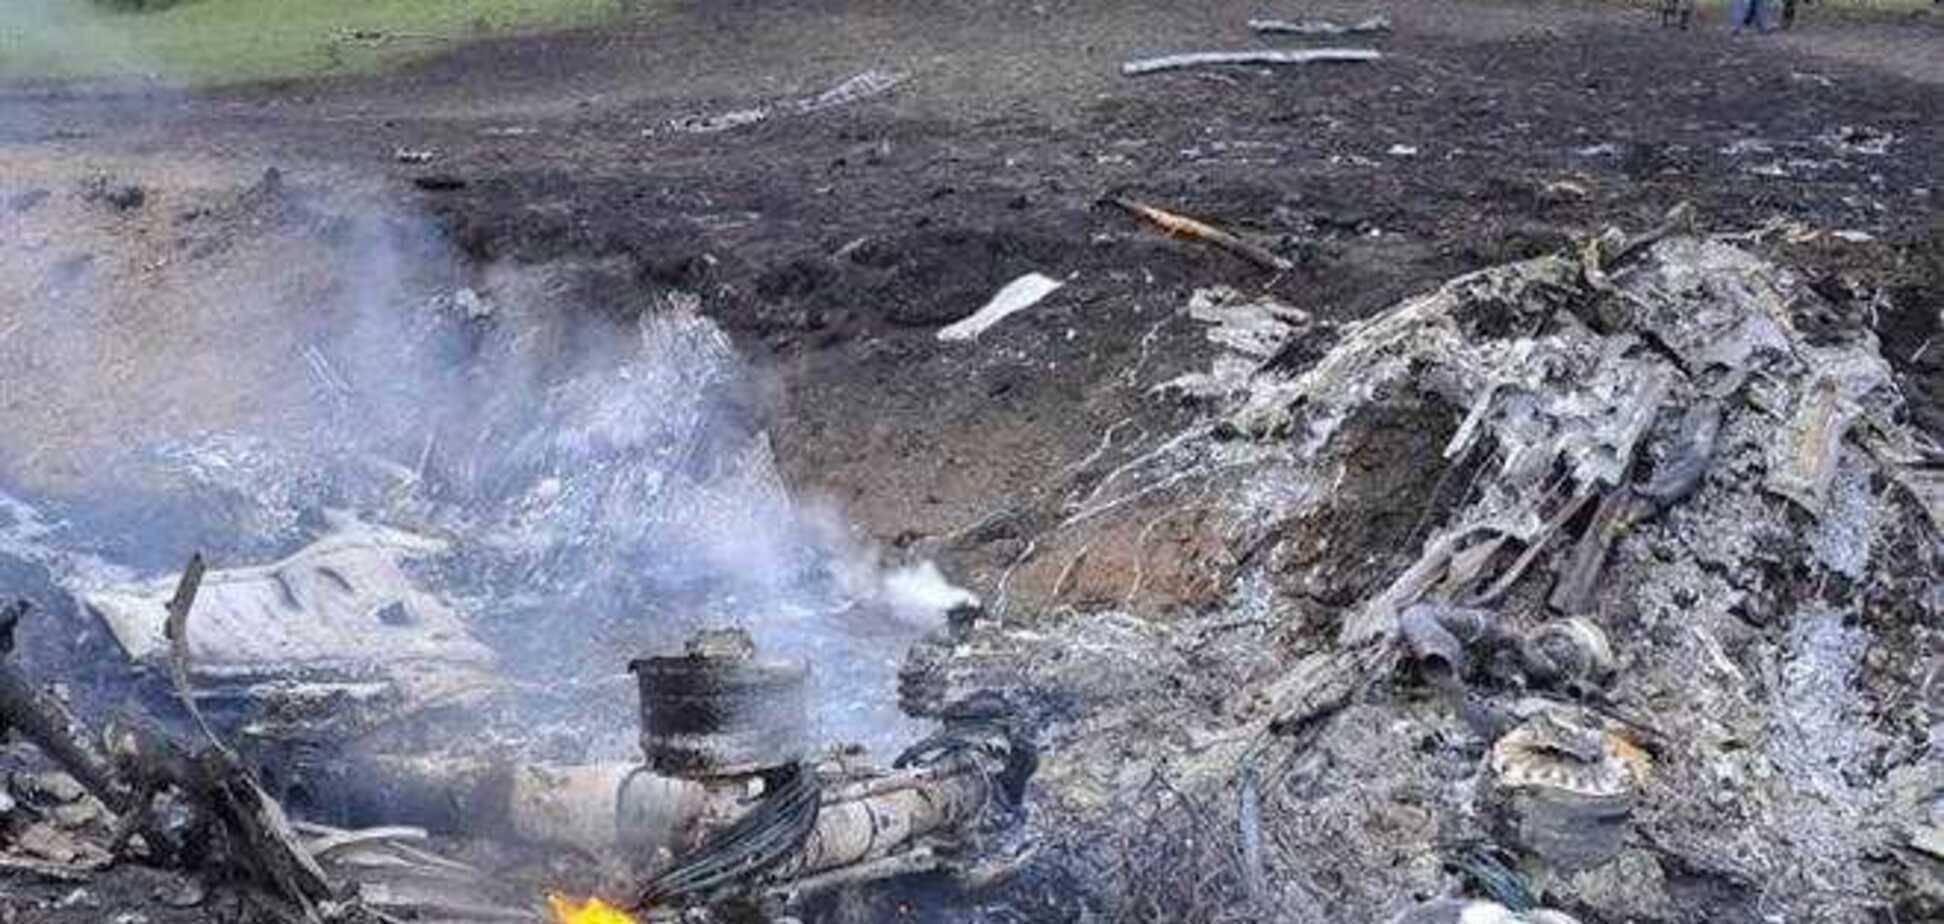 Следователи закончили работу на месте авиакатастрофы в Казани